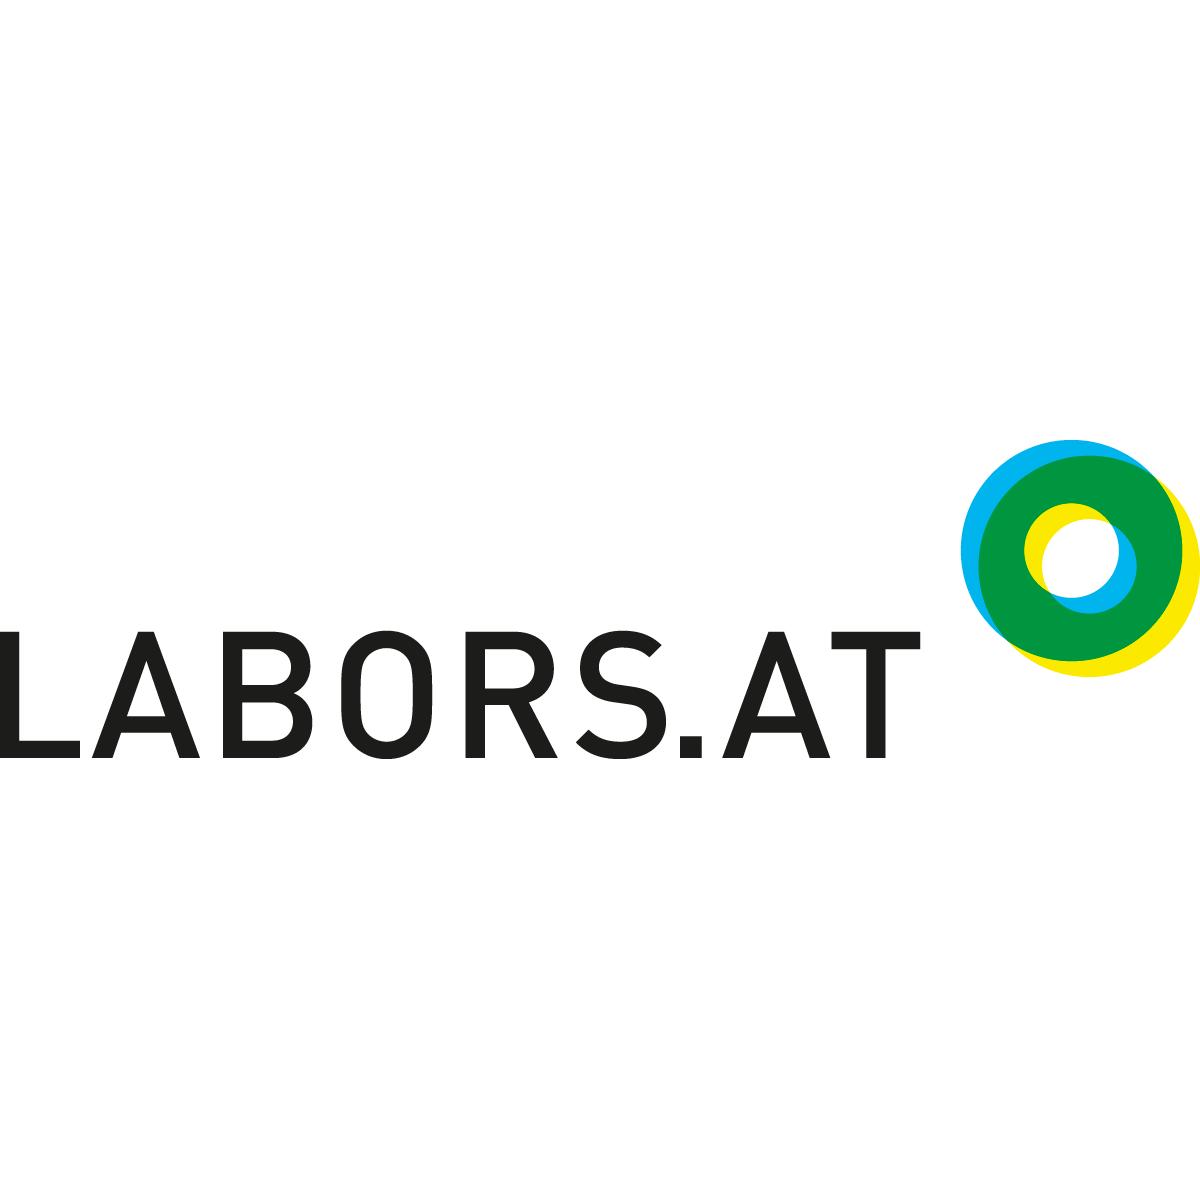 Labors.at